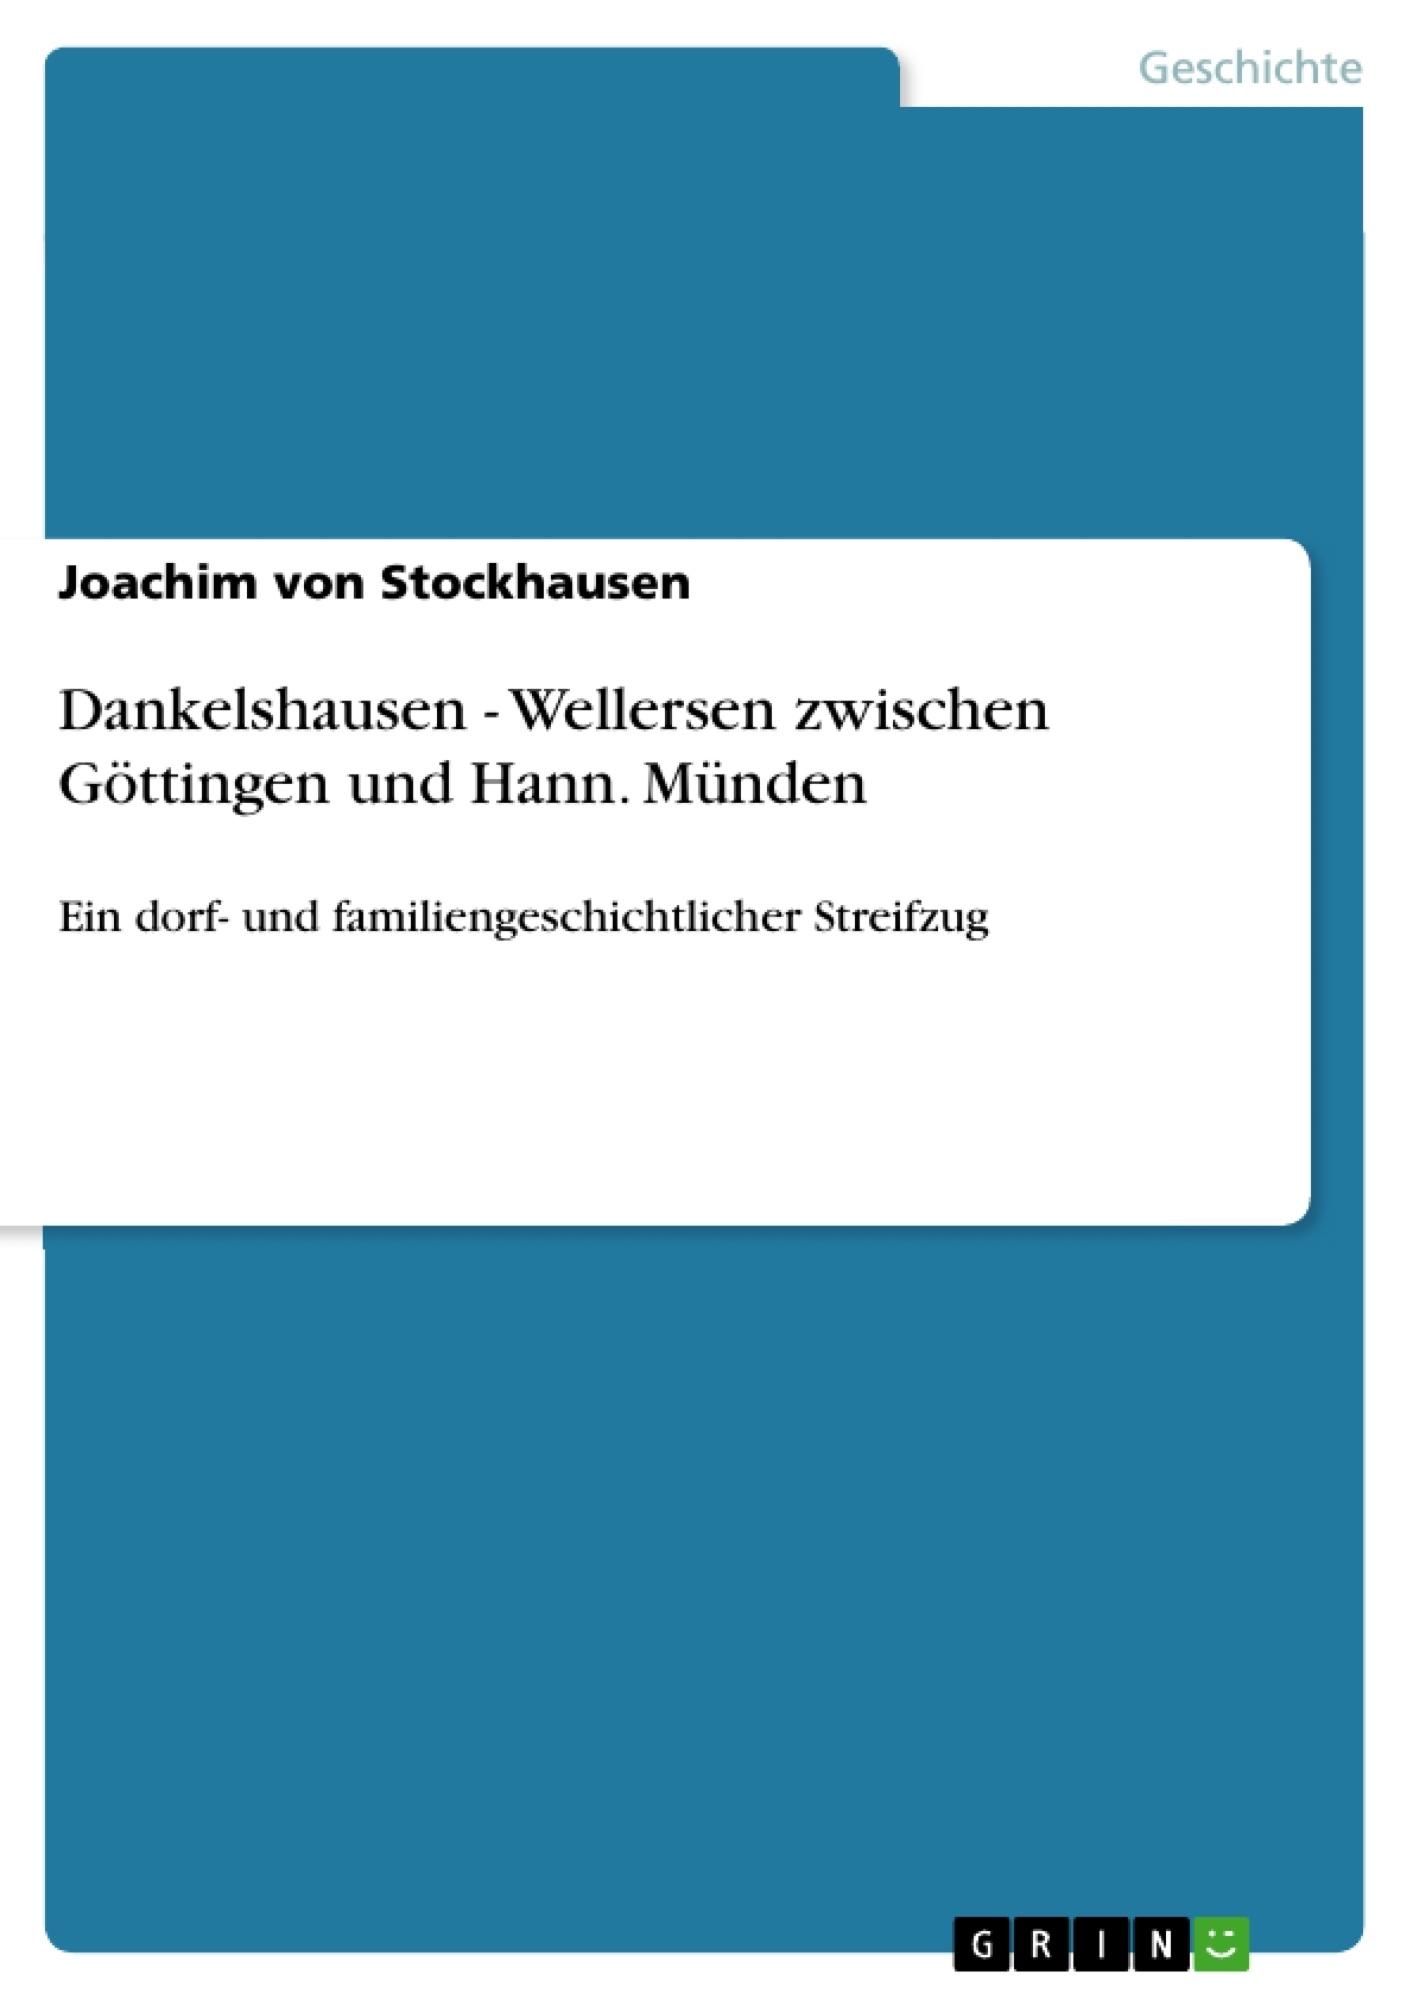 Titel: Dankelshausen - Wellersen zwischen Göttingen und Hann. Münden